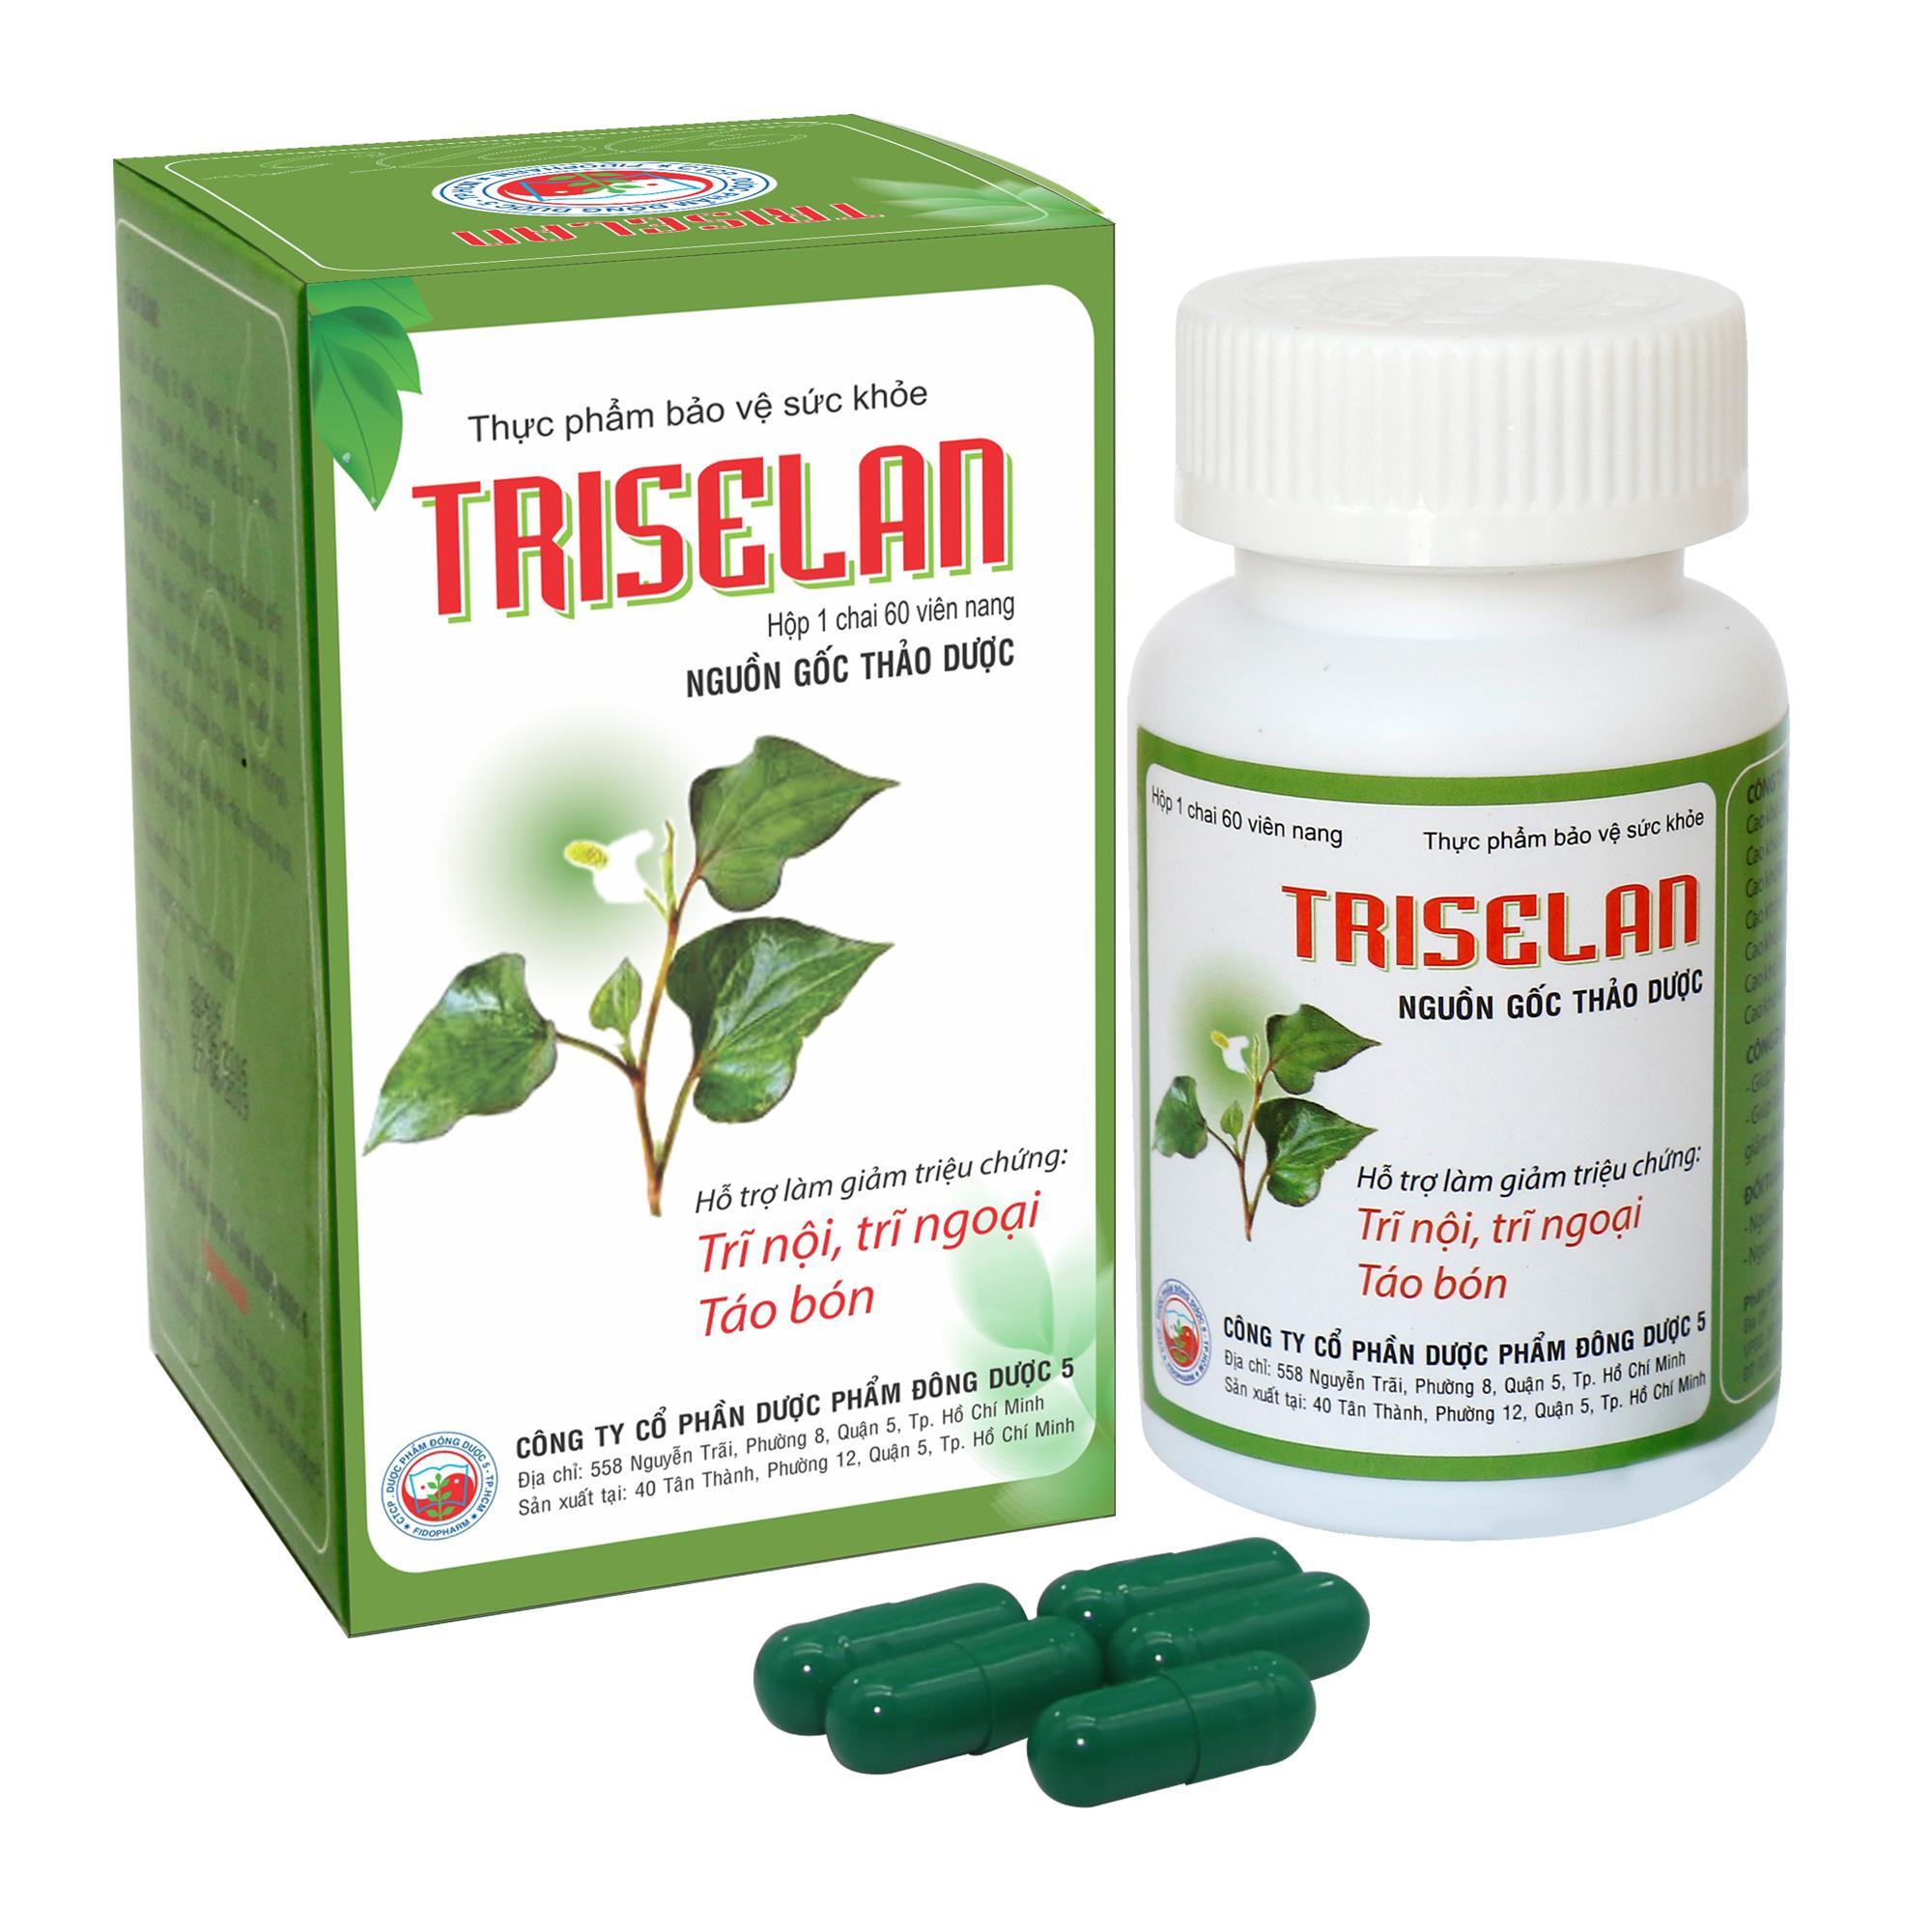 Viên uống Triselan nhập khẩu